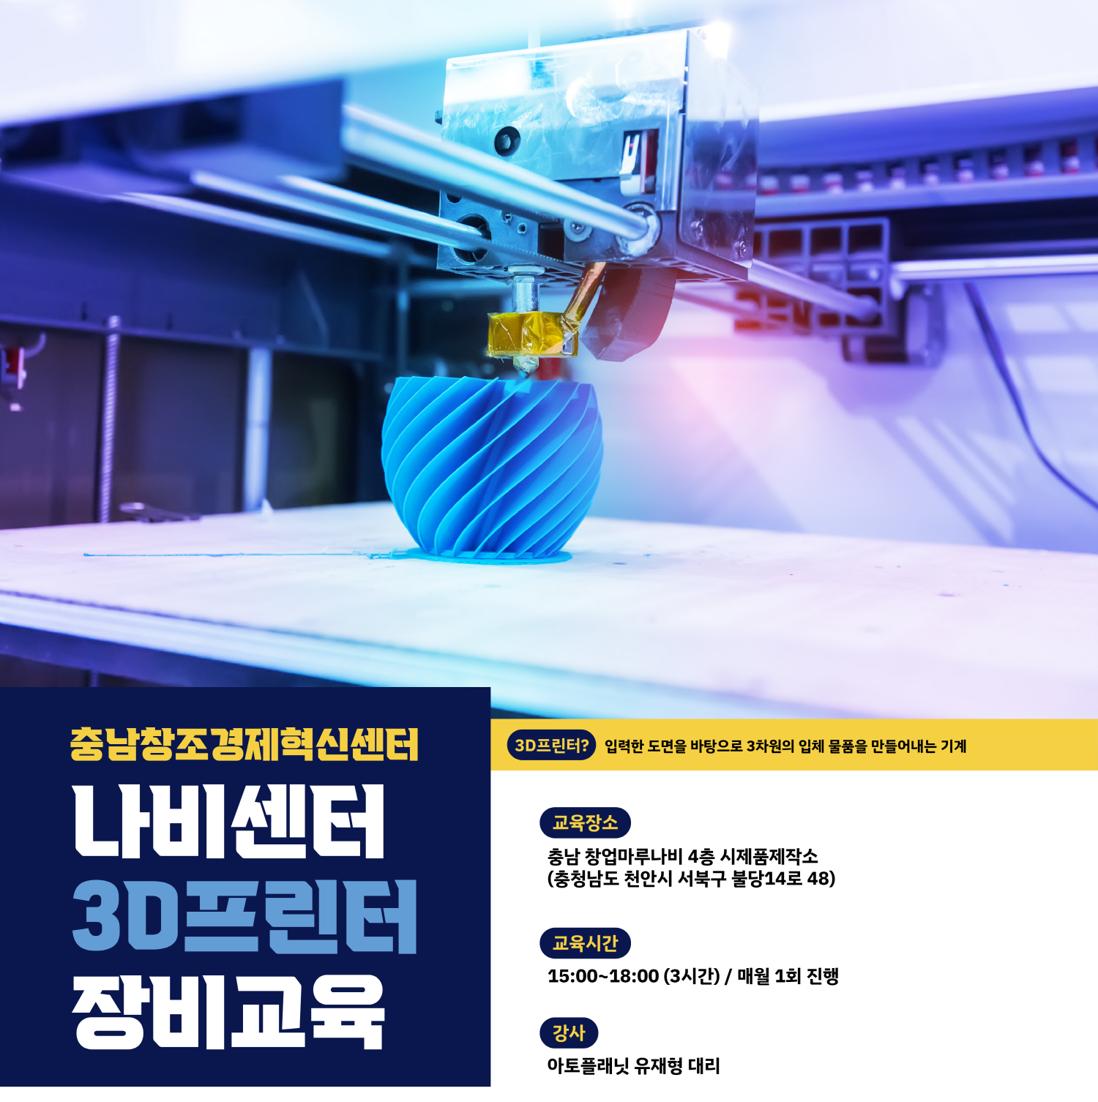 충남창업마루나비 3D프린터 정기 장비 교육